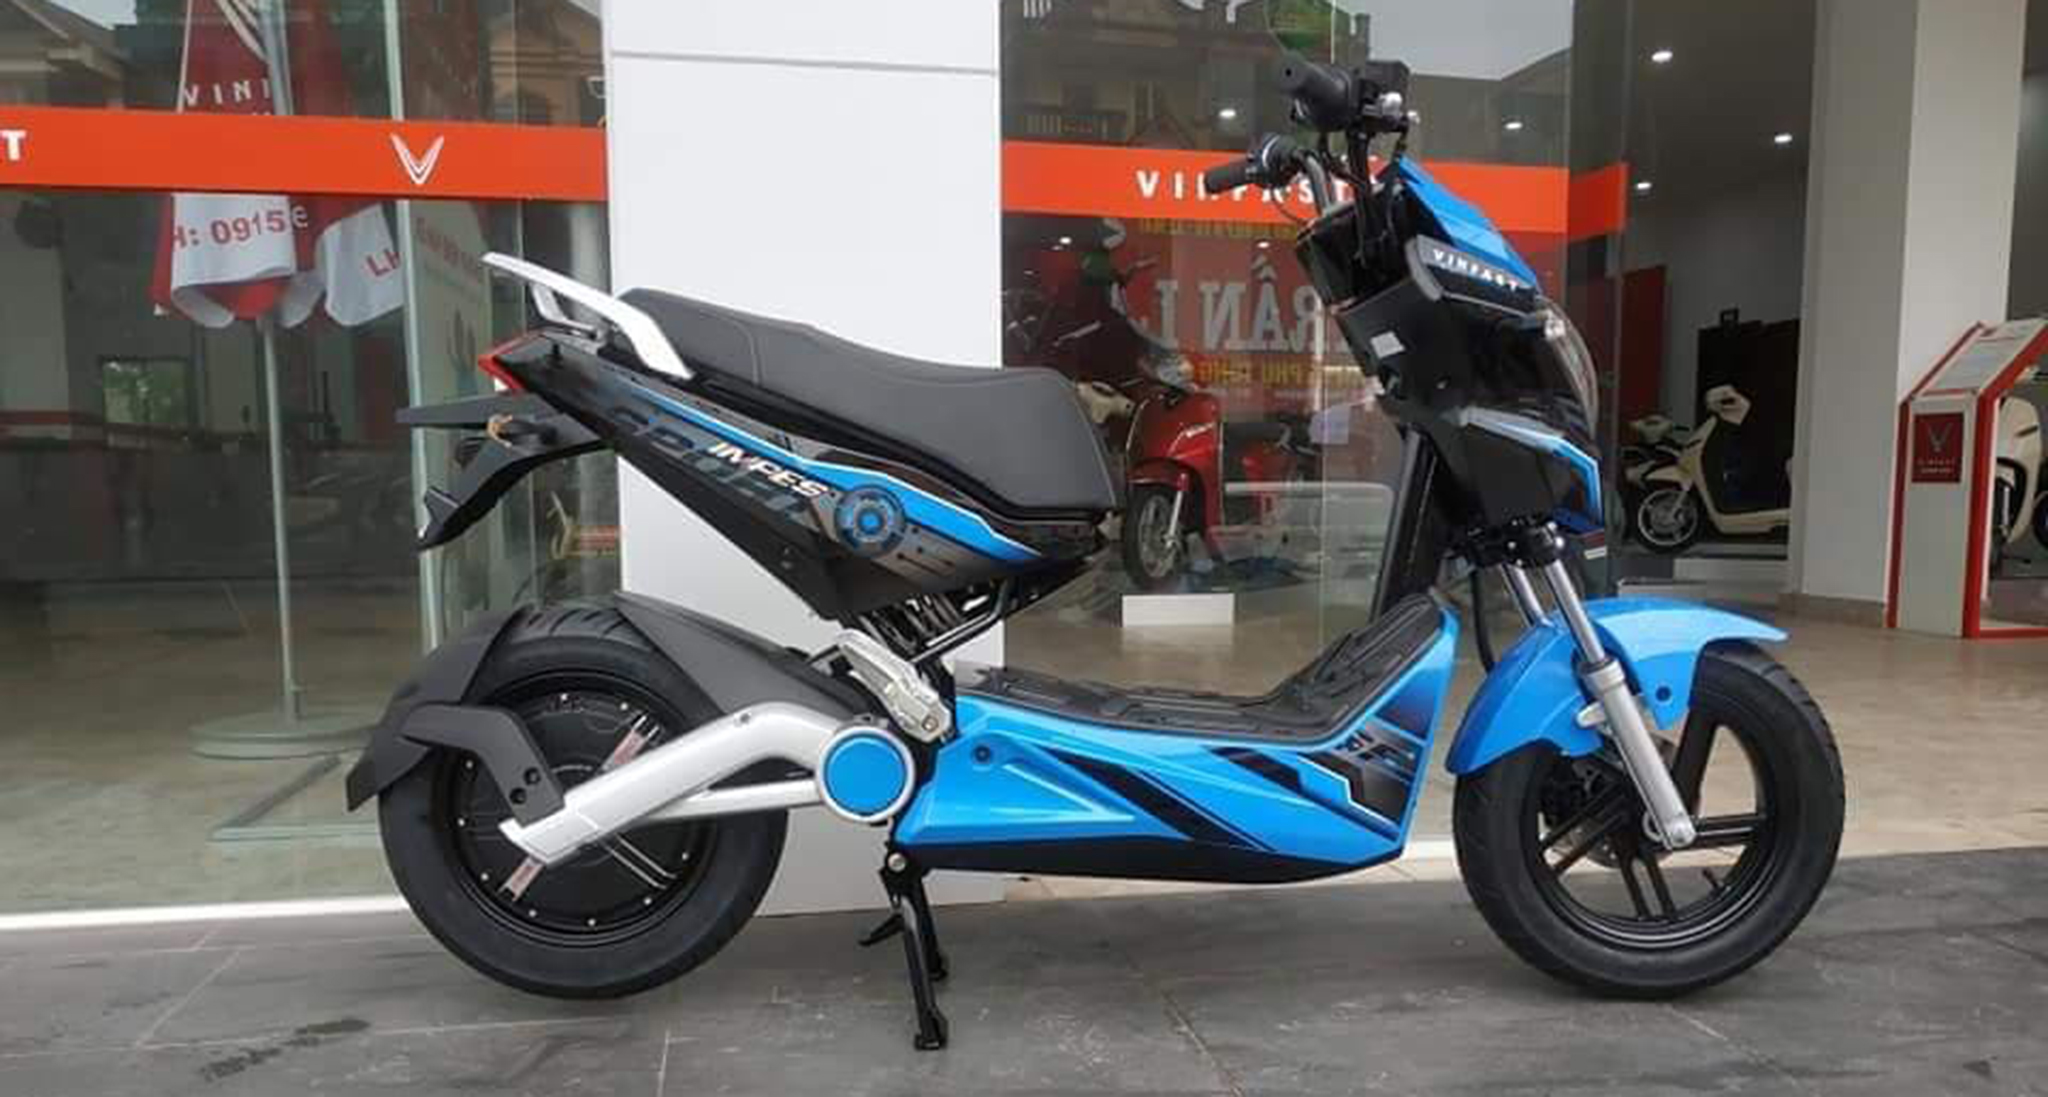 Lộ diện 2 xe máy điện giá rẻ của Vinfast, giá từ 21 triệu